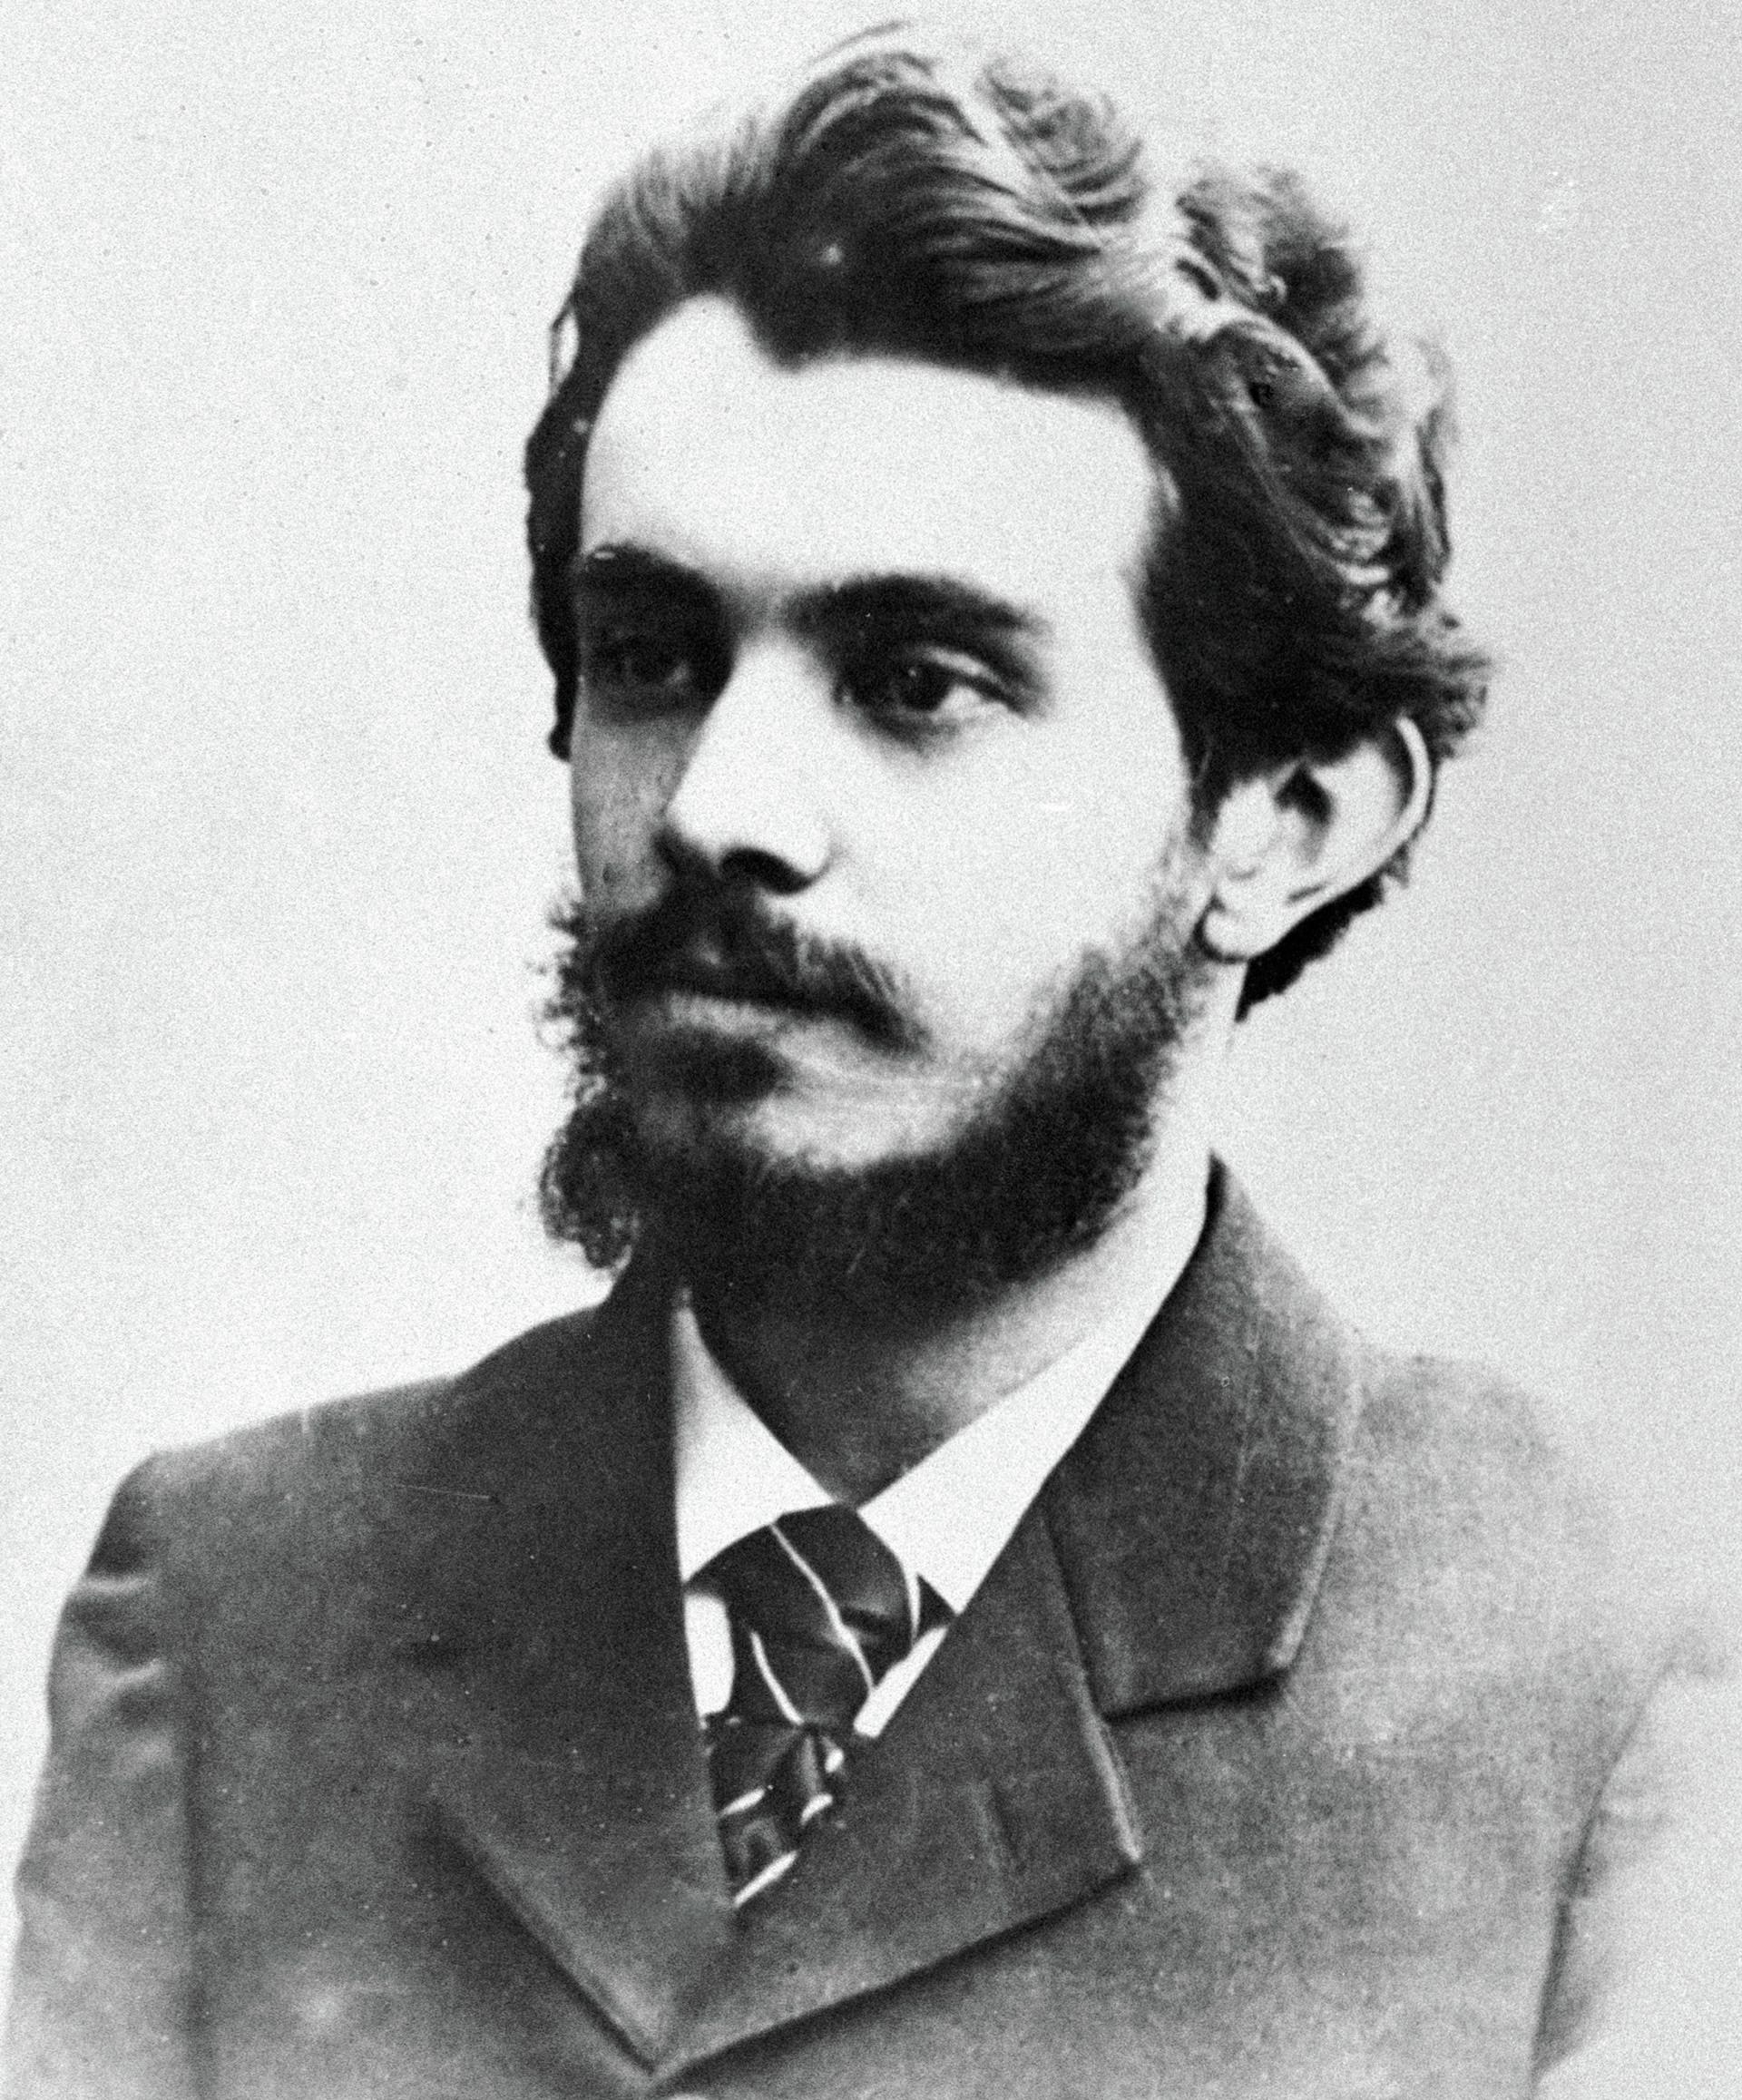 Der russische Philosoph Nikolaj Berdjajew